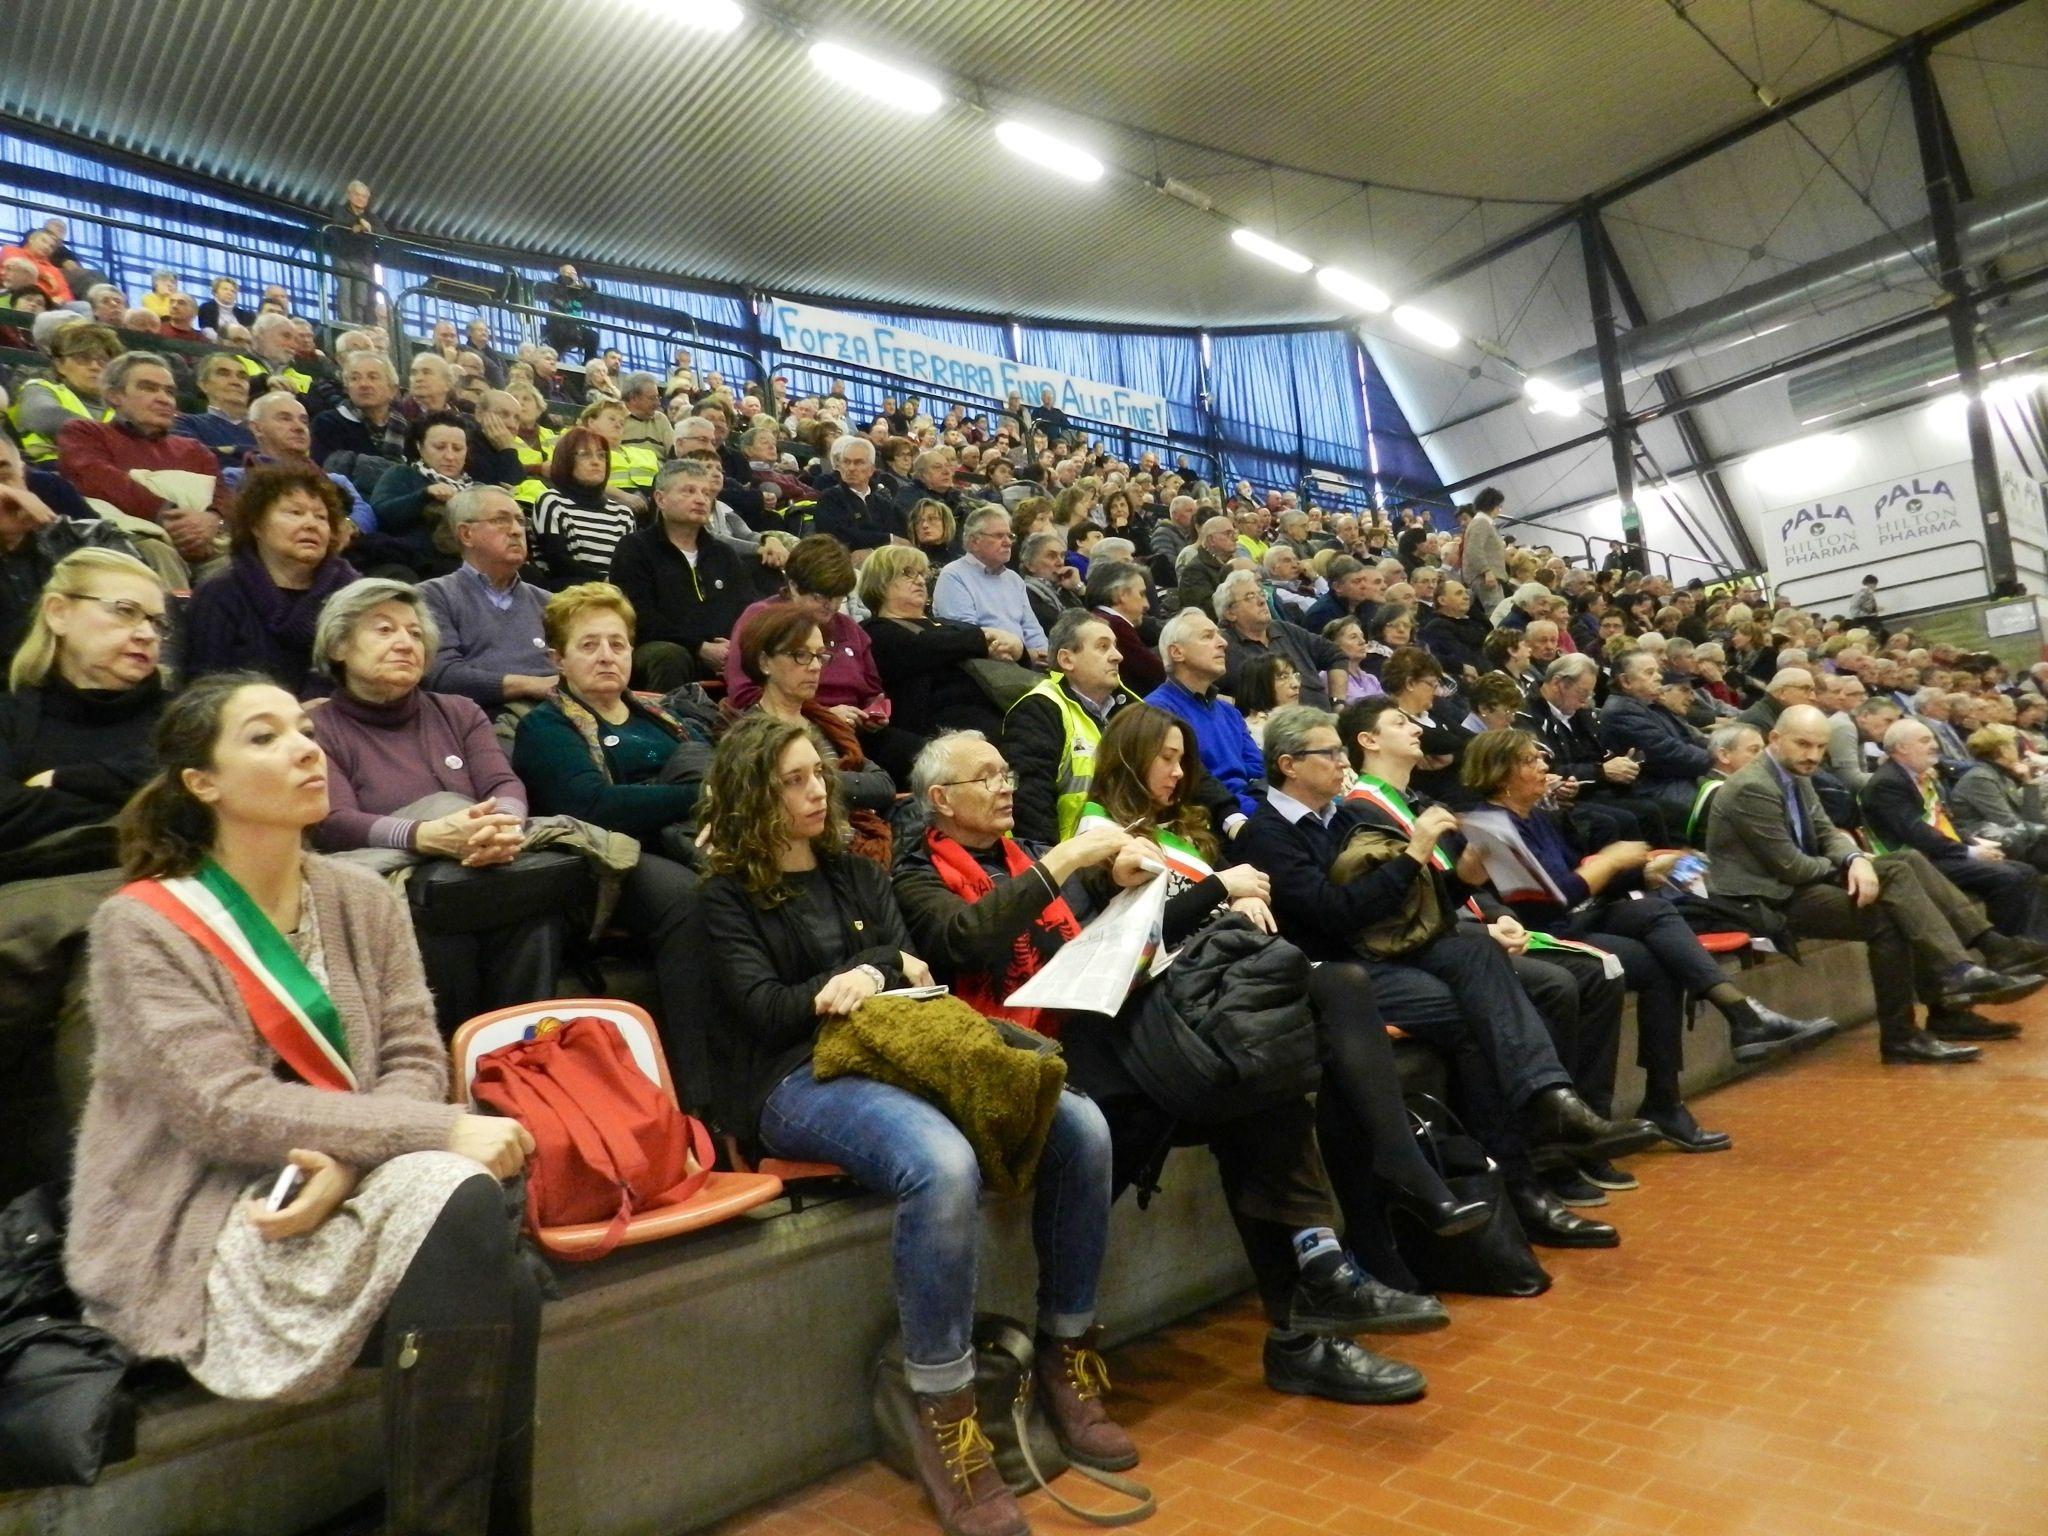 Buon compleanno Auser! Oltre 1000 volontari e tanti ospiti riuniti a Ferrara per i 25 anni dell'associazione!